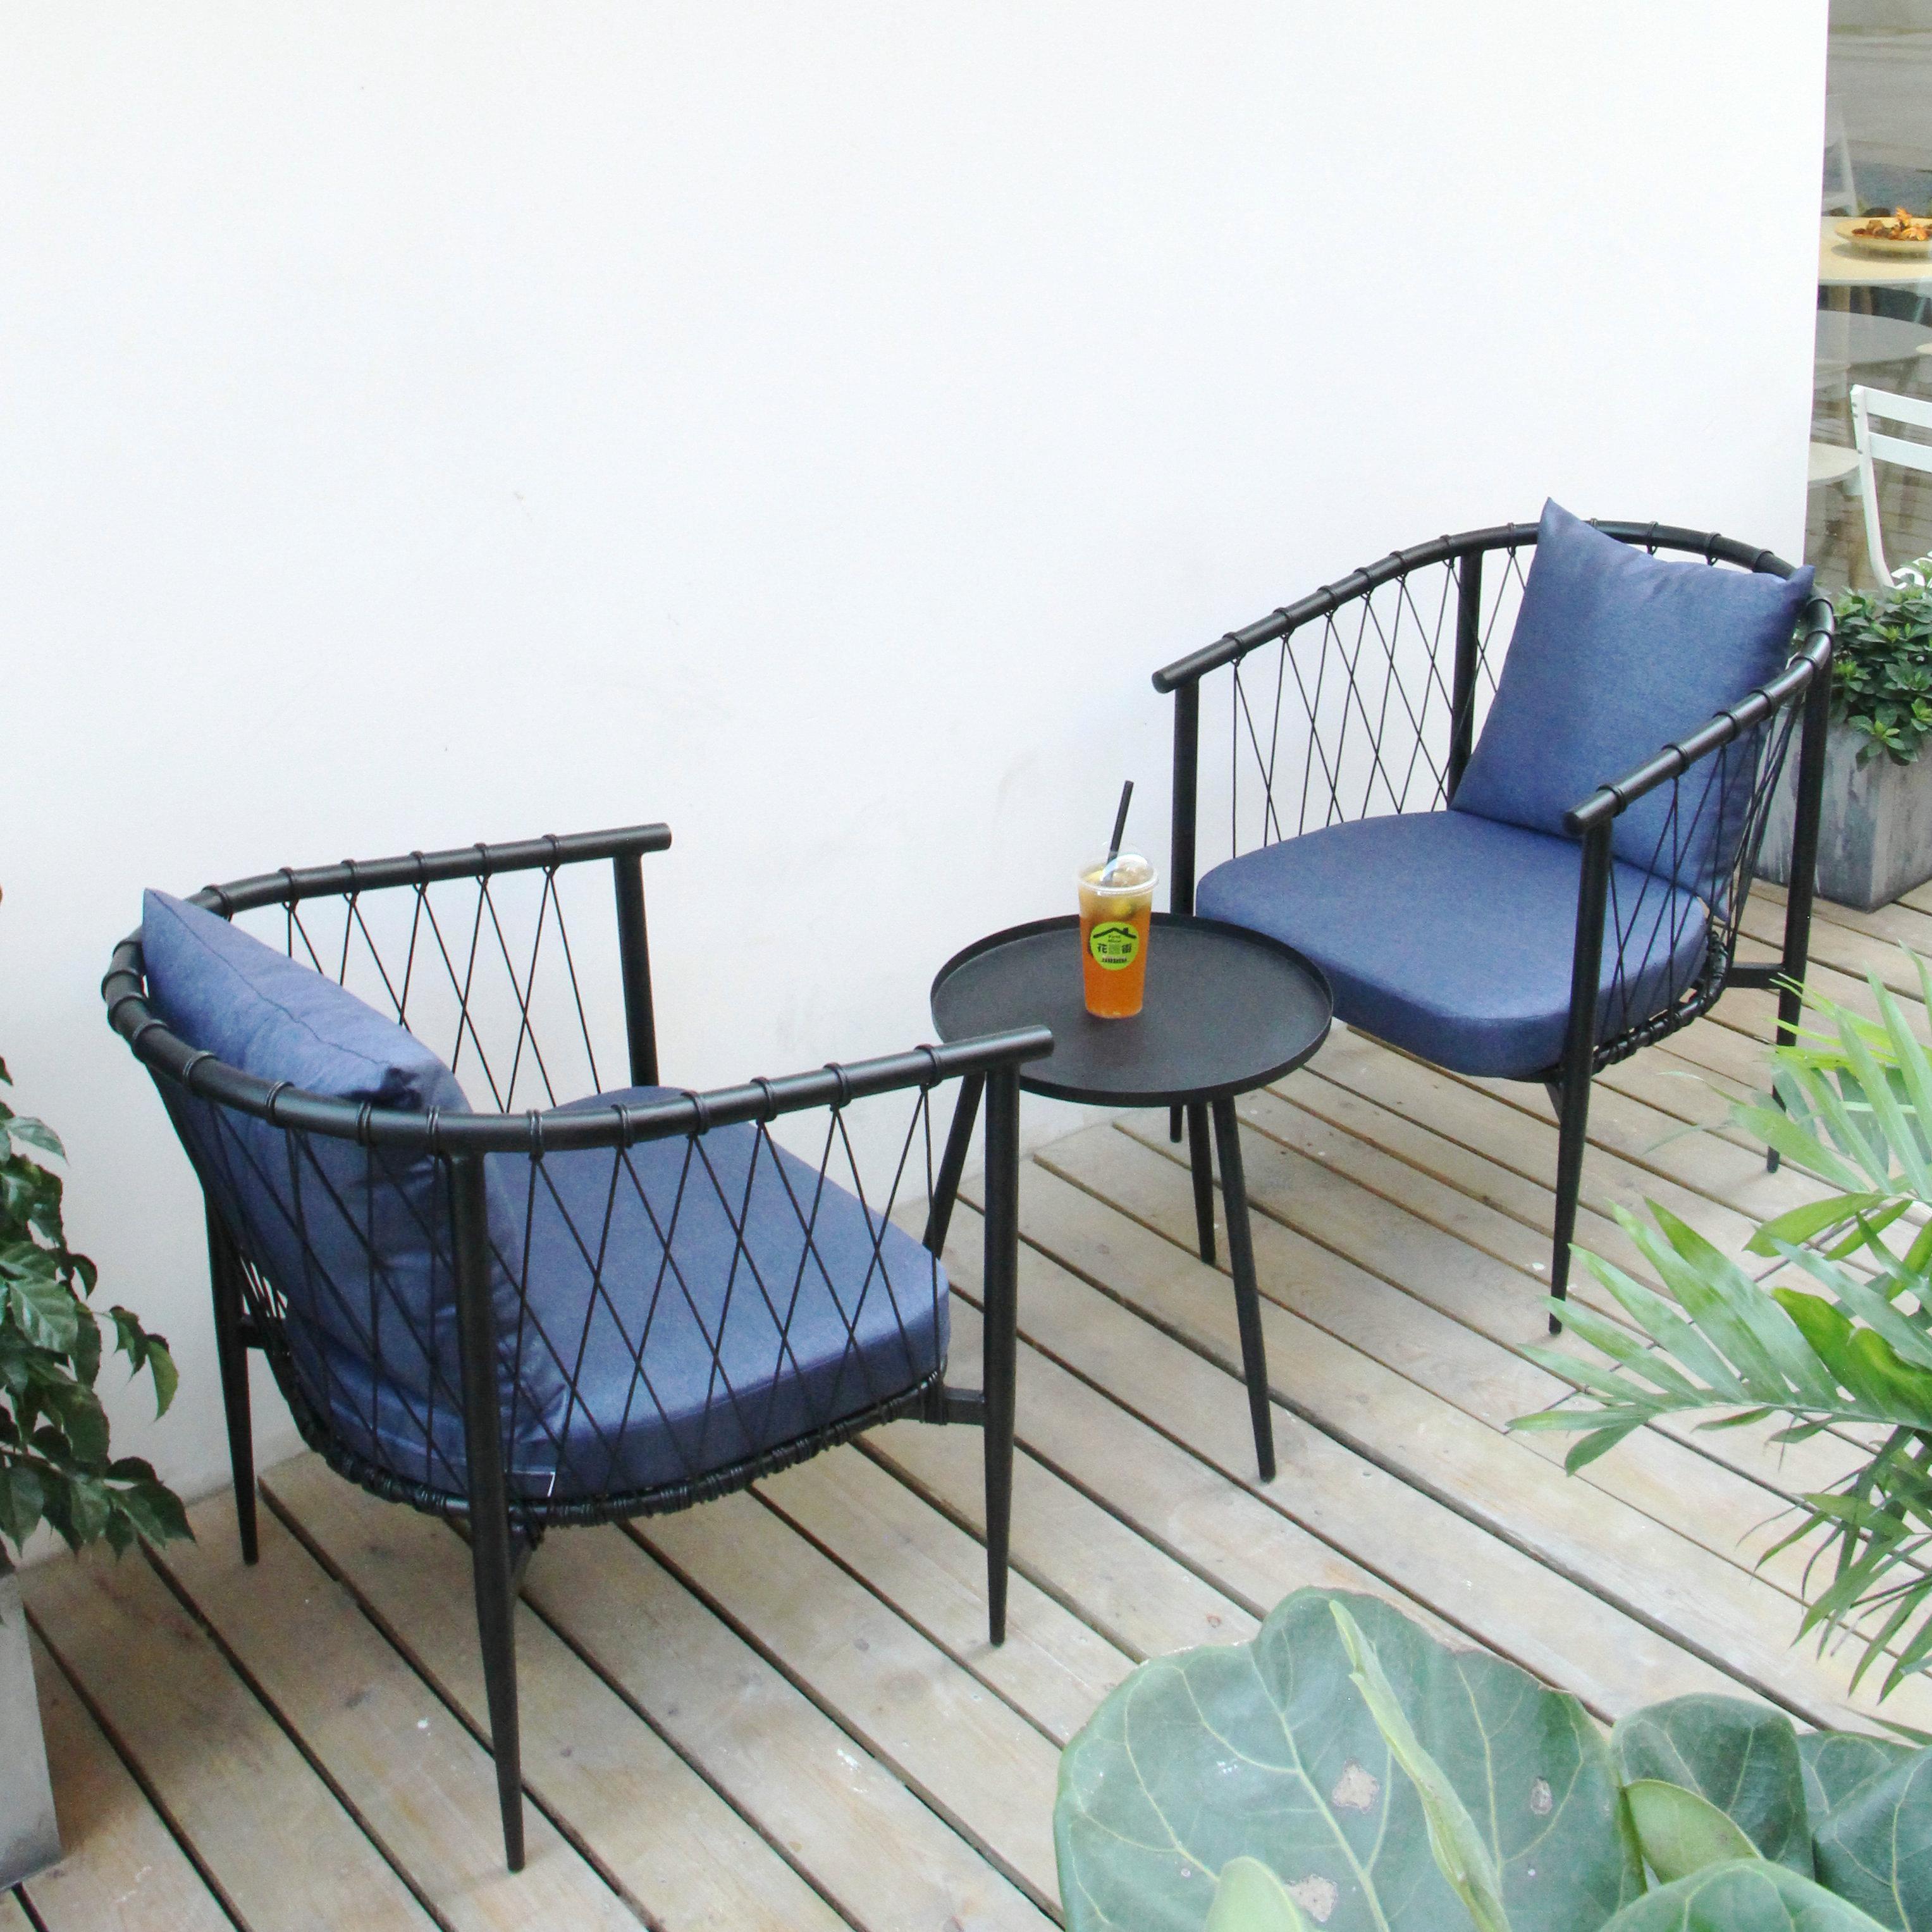 北欧简约户外家用阳台桌椅藤椅三件套小茶几休闲室外庭院藤编家具